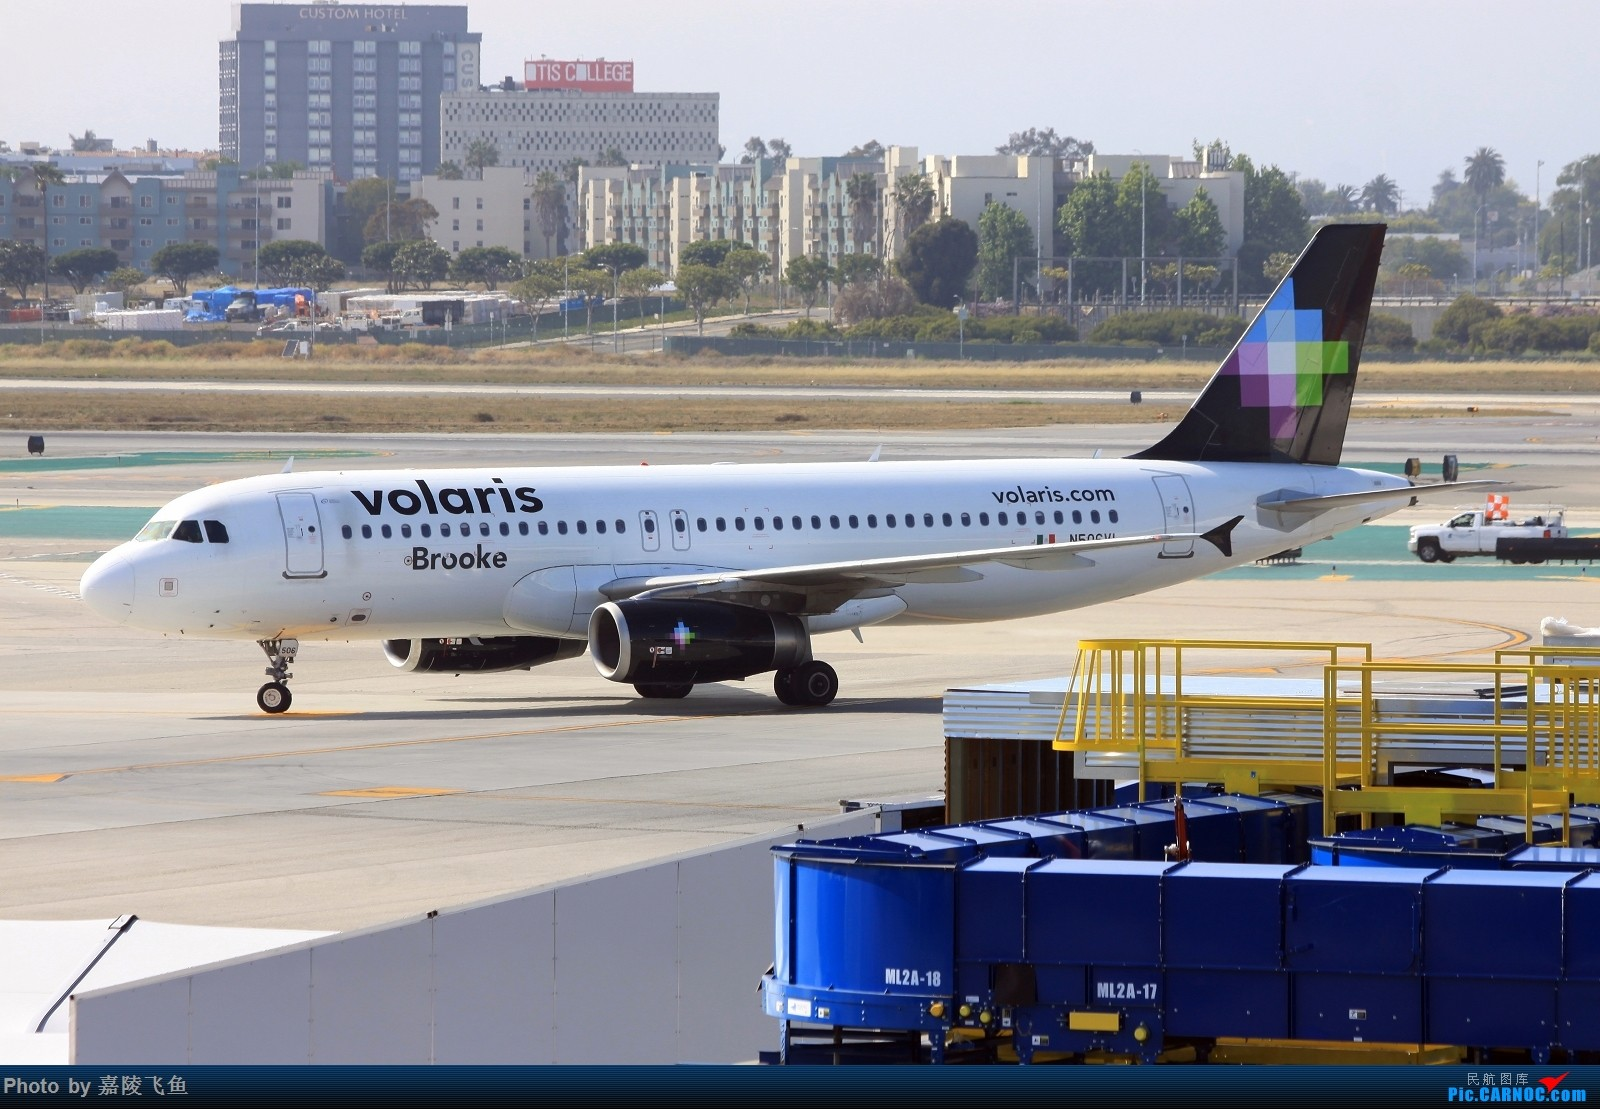 Re:[原创]忠实 边疆 阿拉斯加还有其他 AIRBUS A320-200 N506VL 美国洛杉矶机场